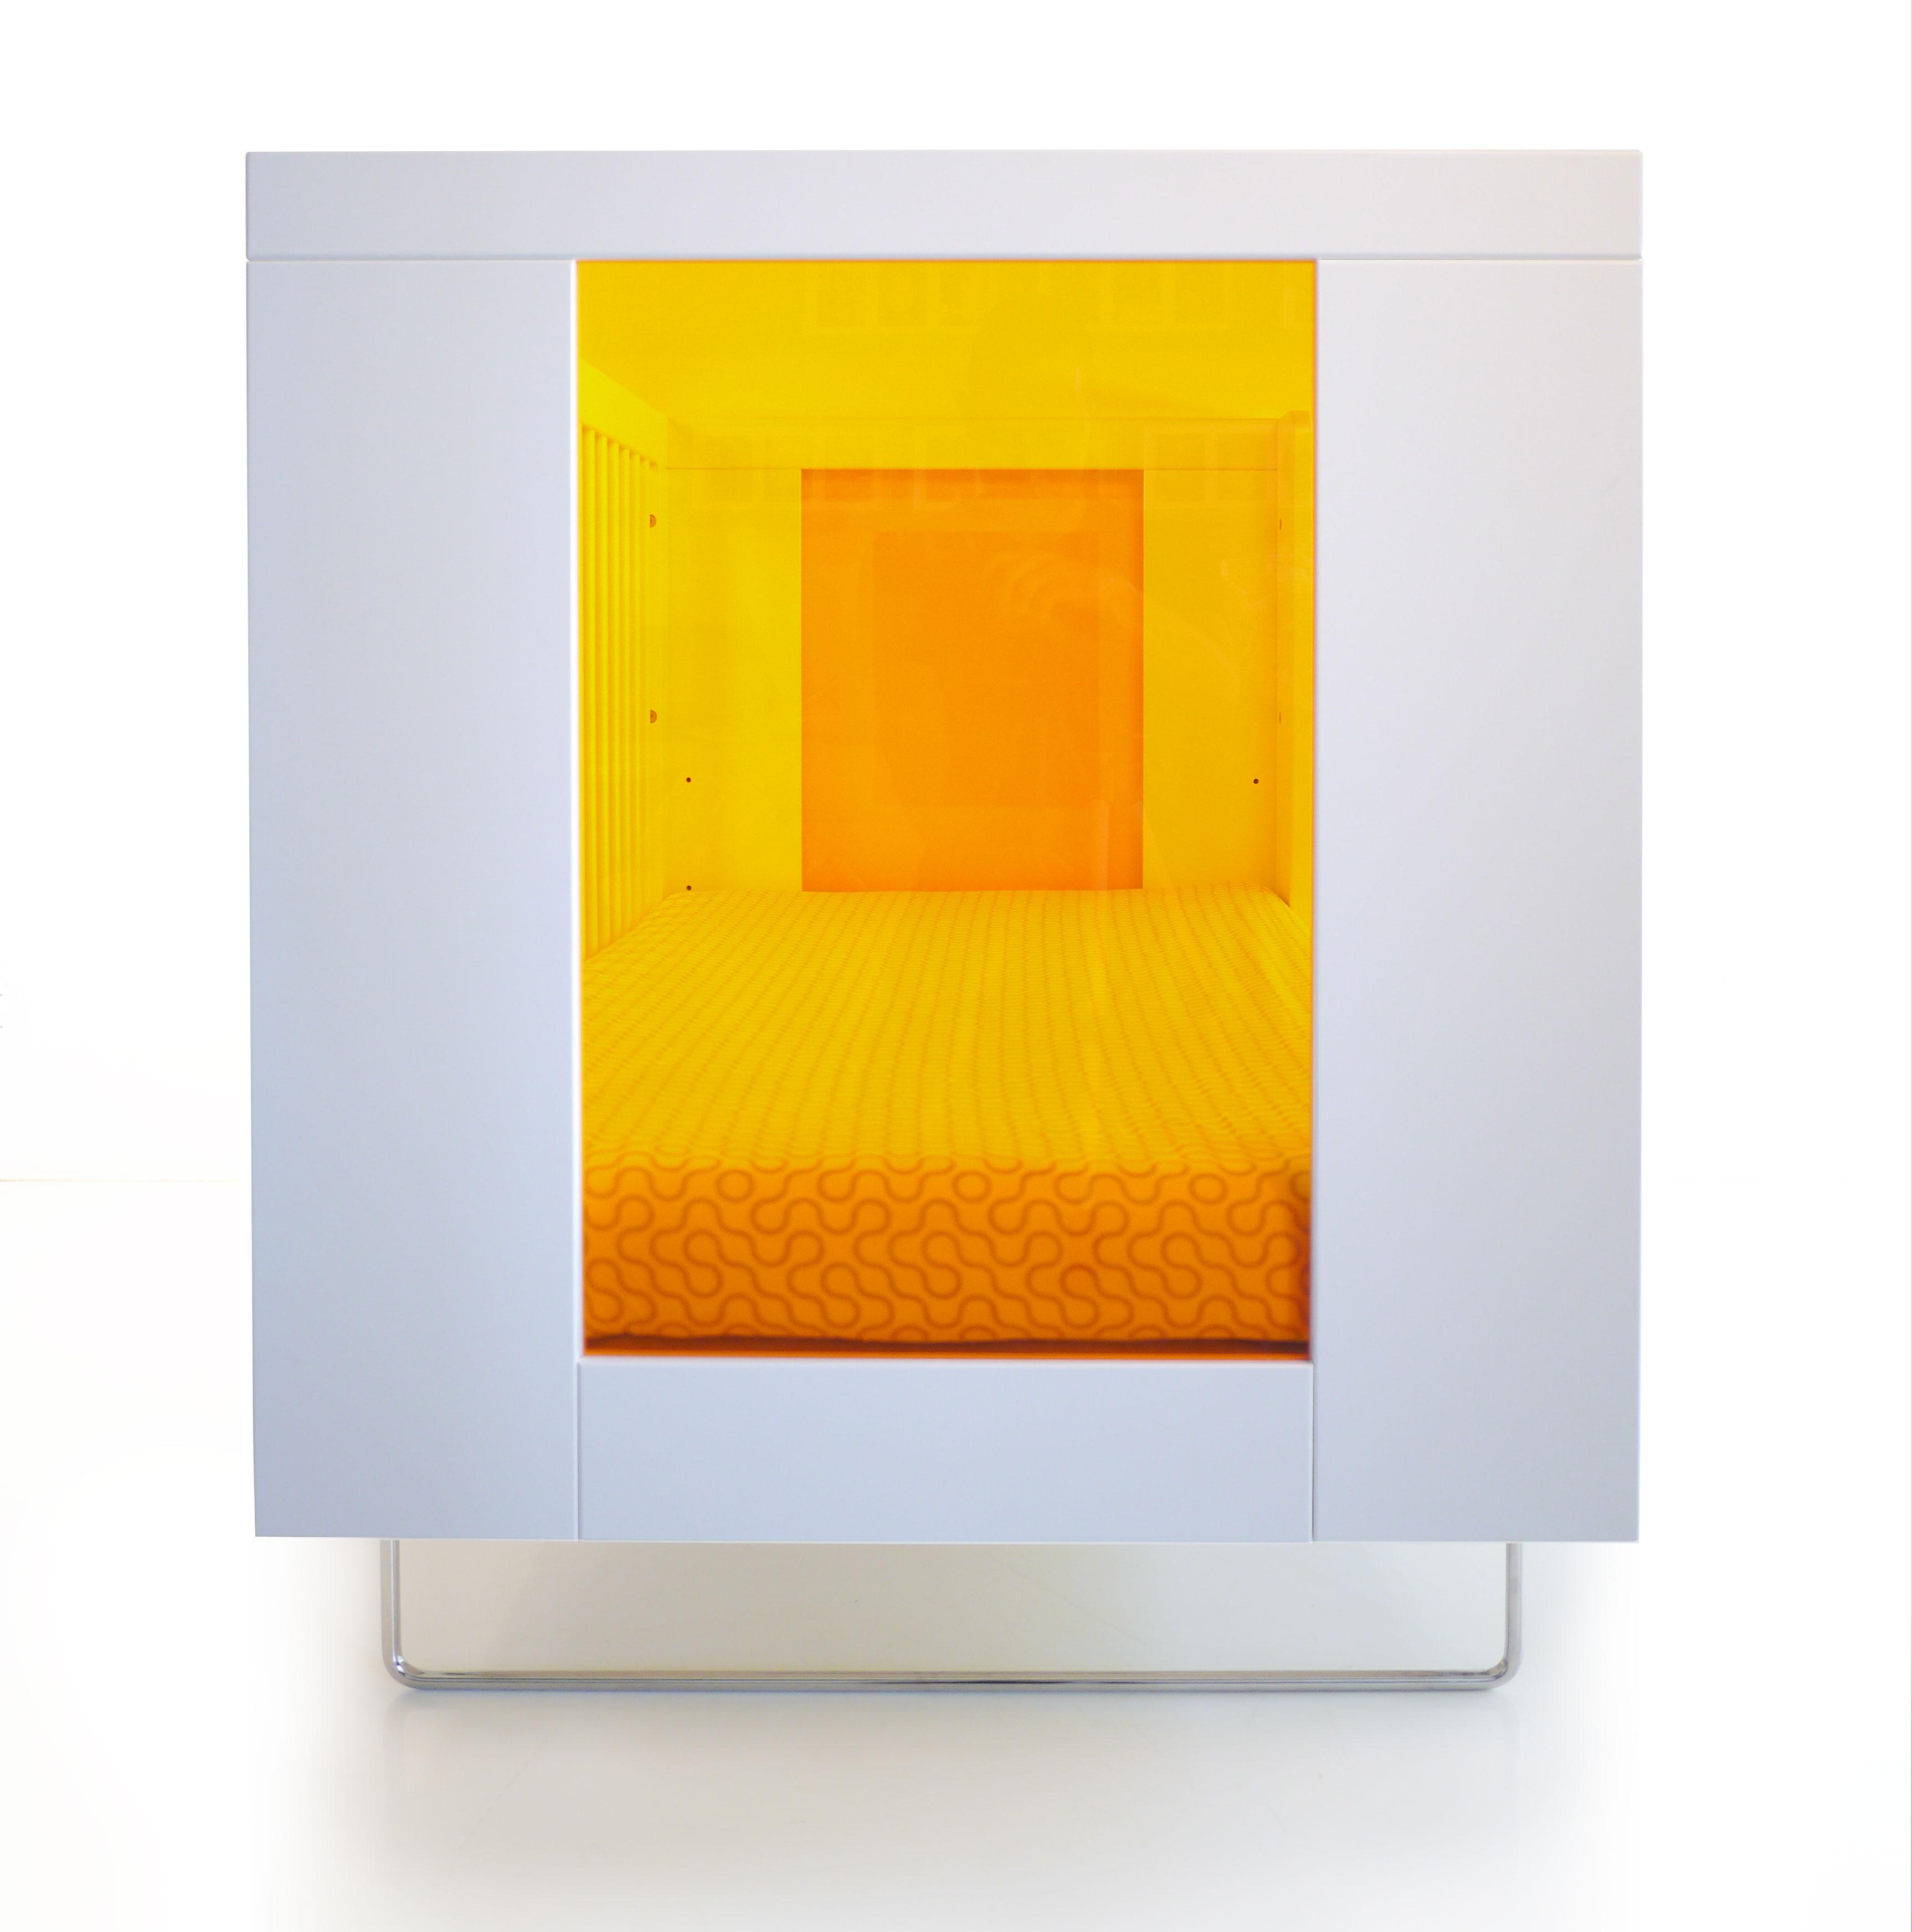 Кроватка Alto Tangerine Translucent Acrylic Spot on Square